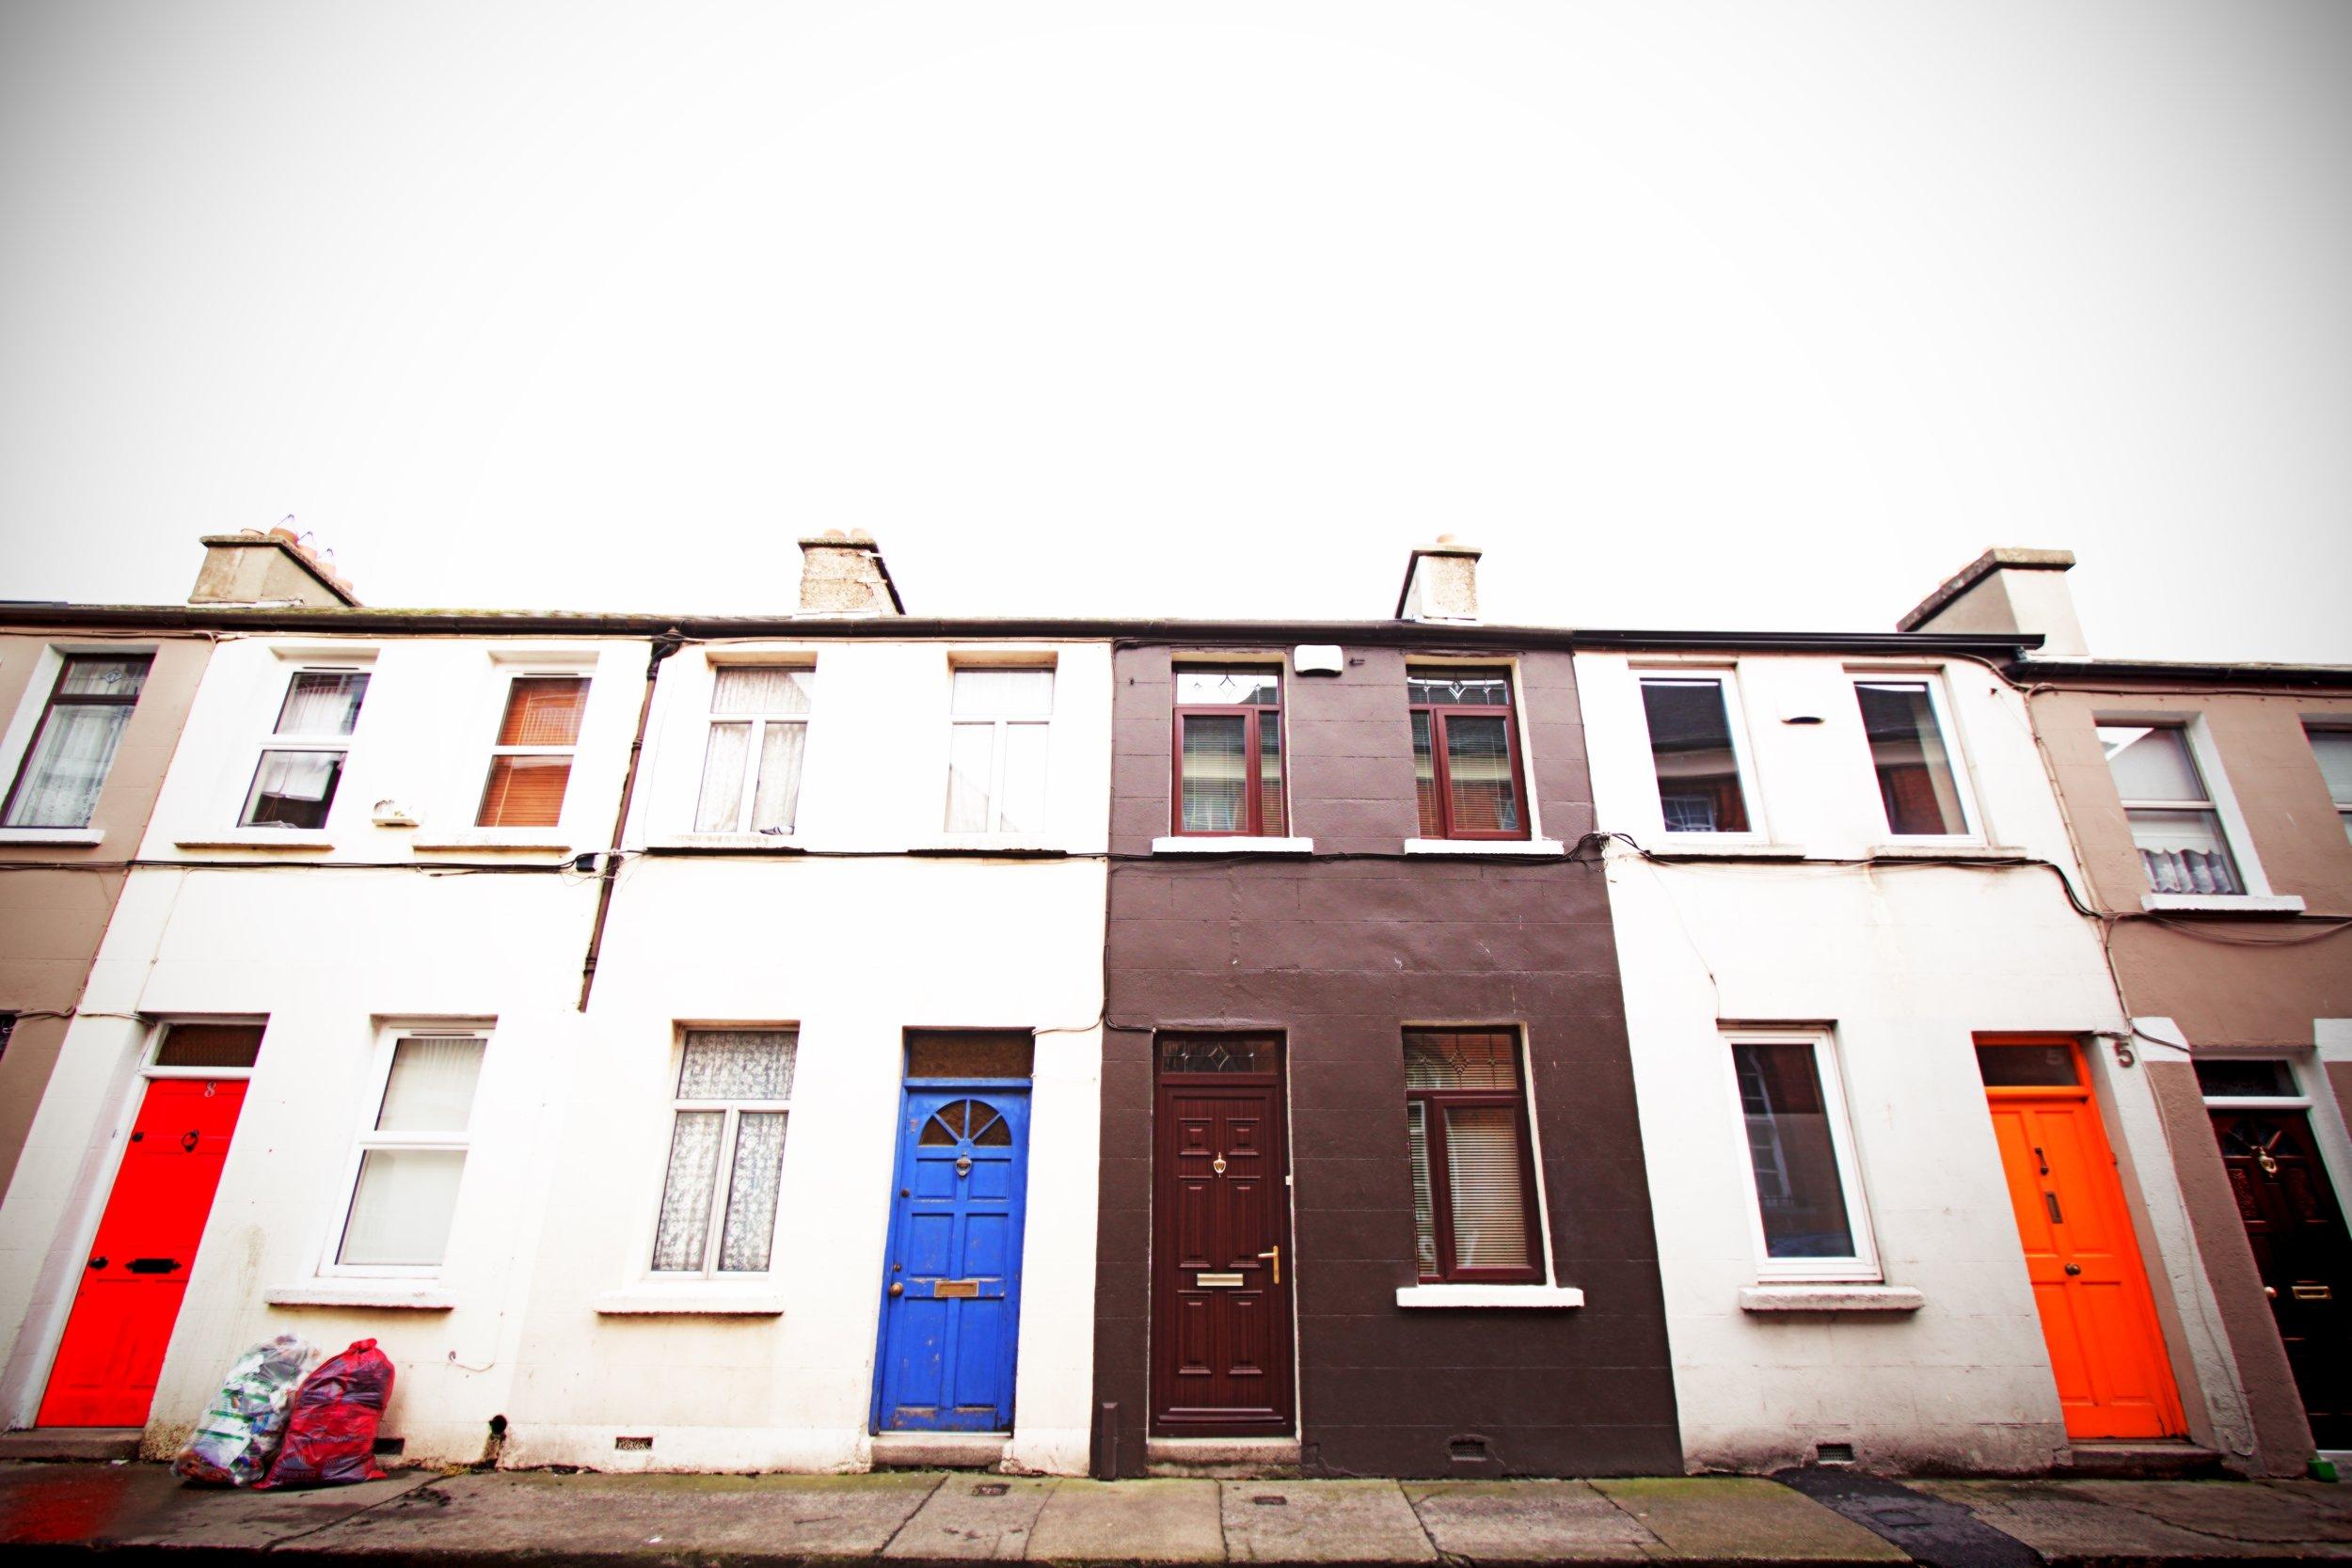 A random row of colorful doors in Dublin